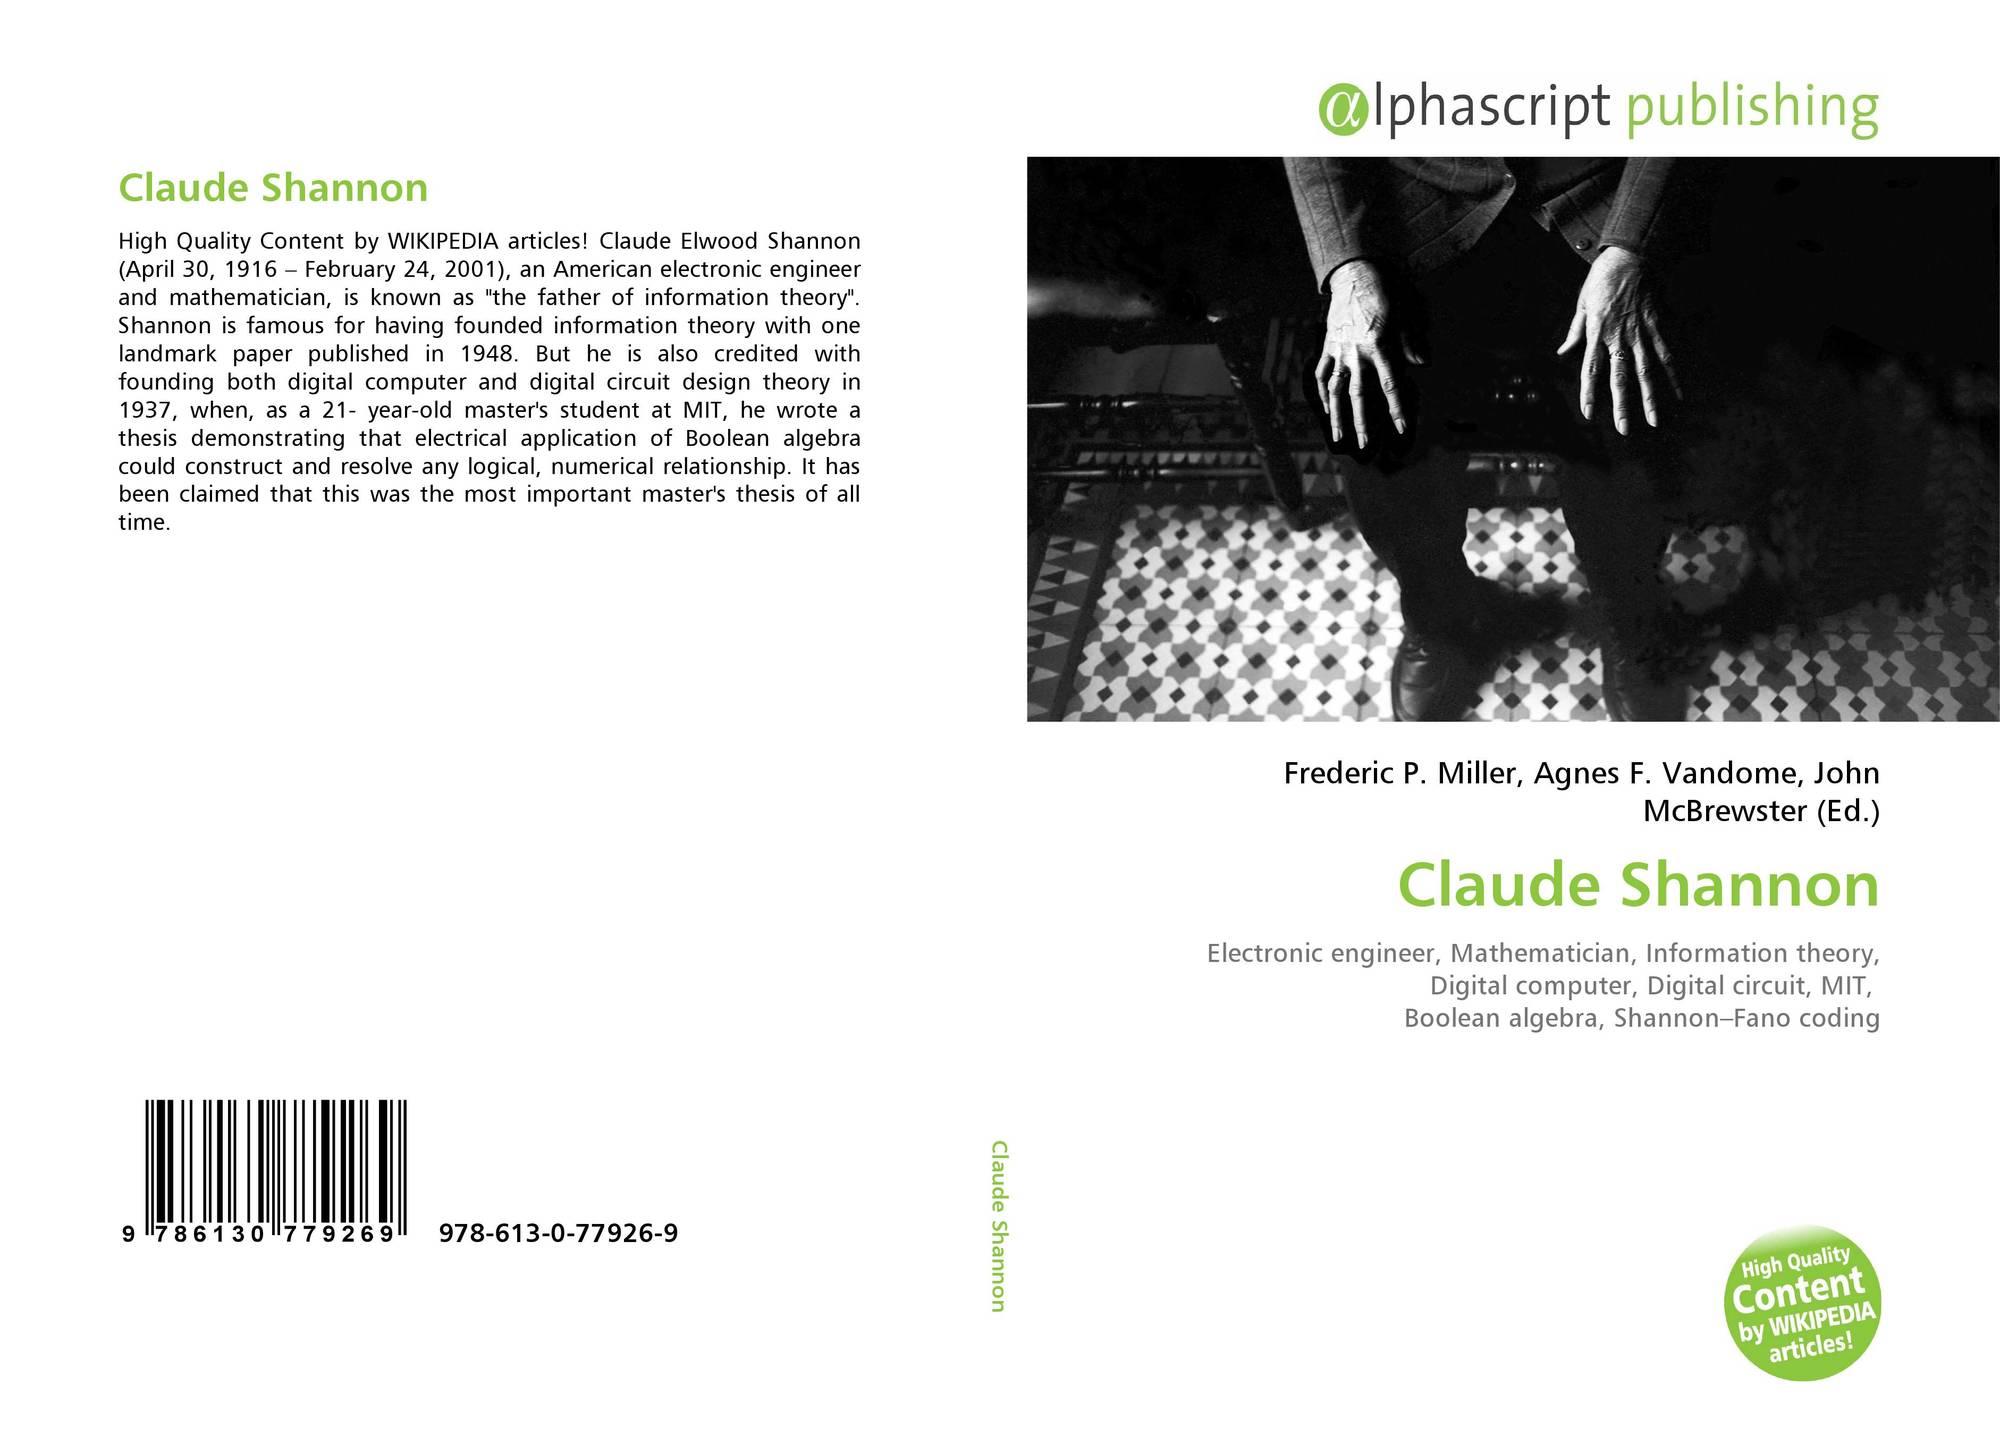 Claude Shannon, 978-613-0-77926-9, 6130779267 ,9786130779269